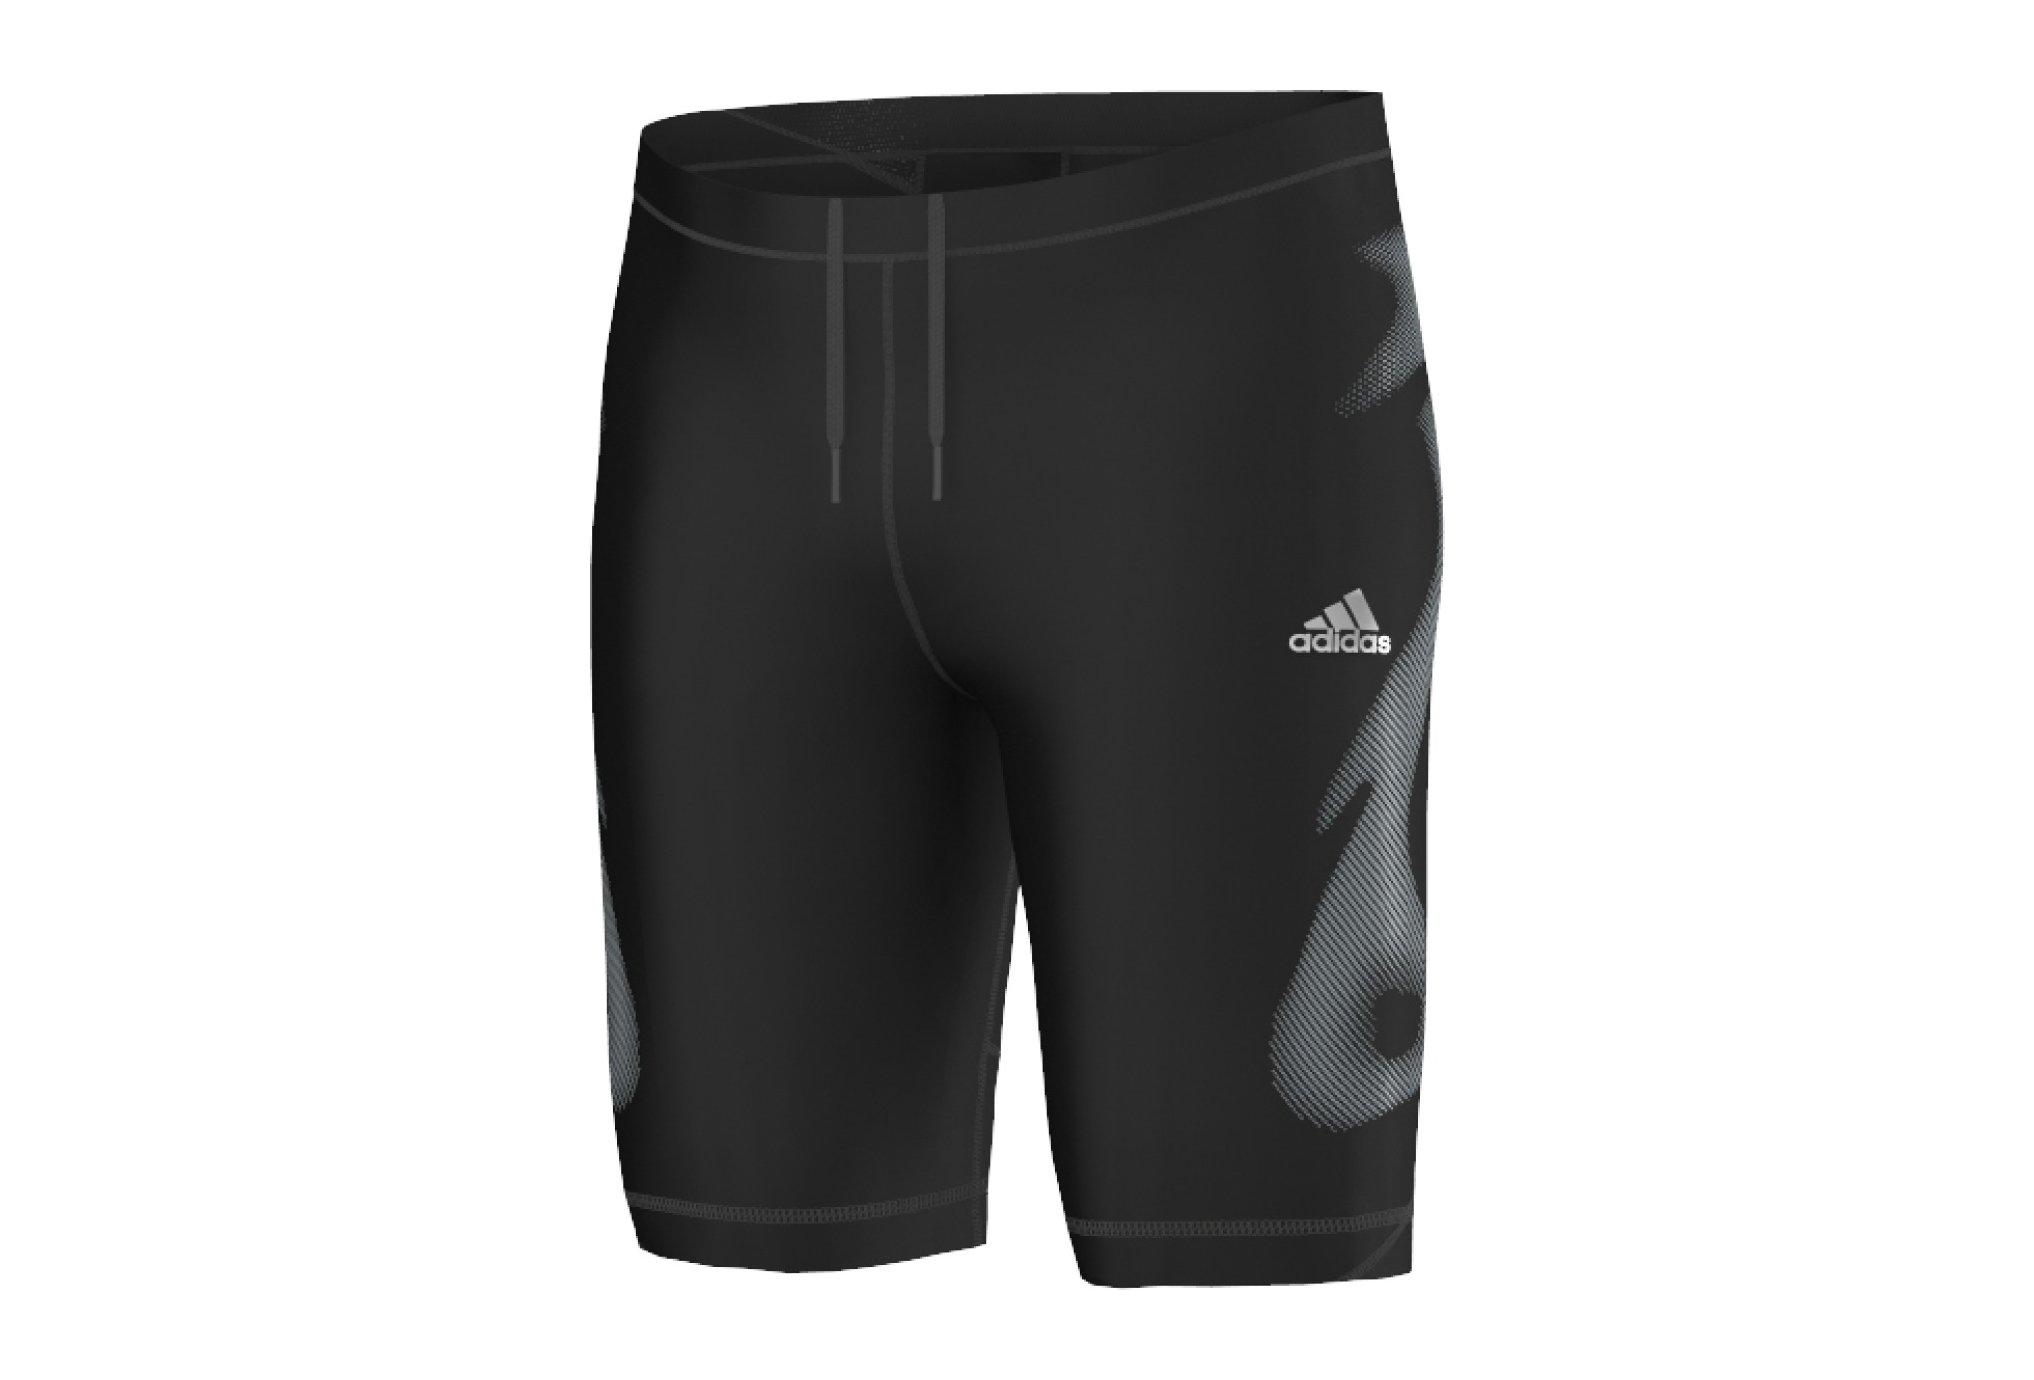 Adidas Cuissard adizero sprintweb m diététique vêtements homme